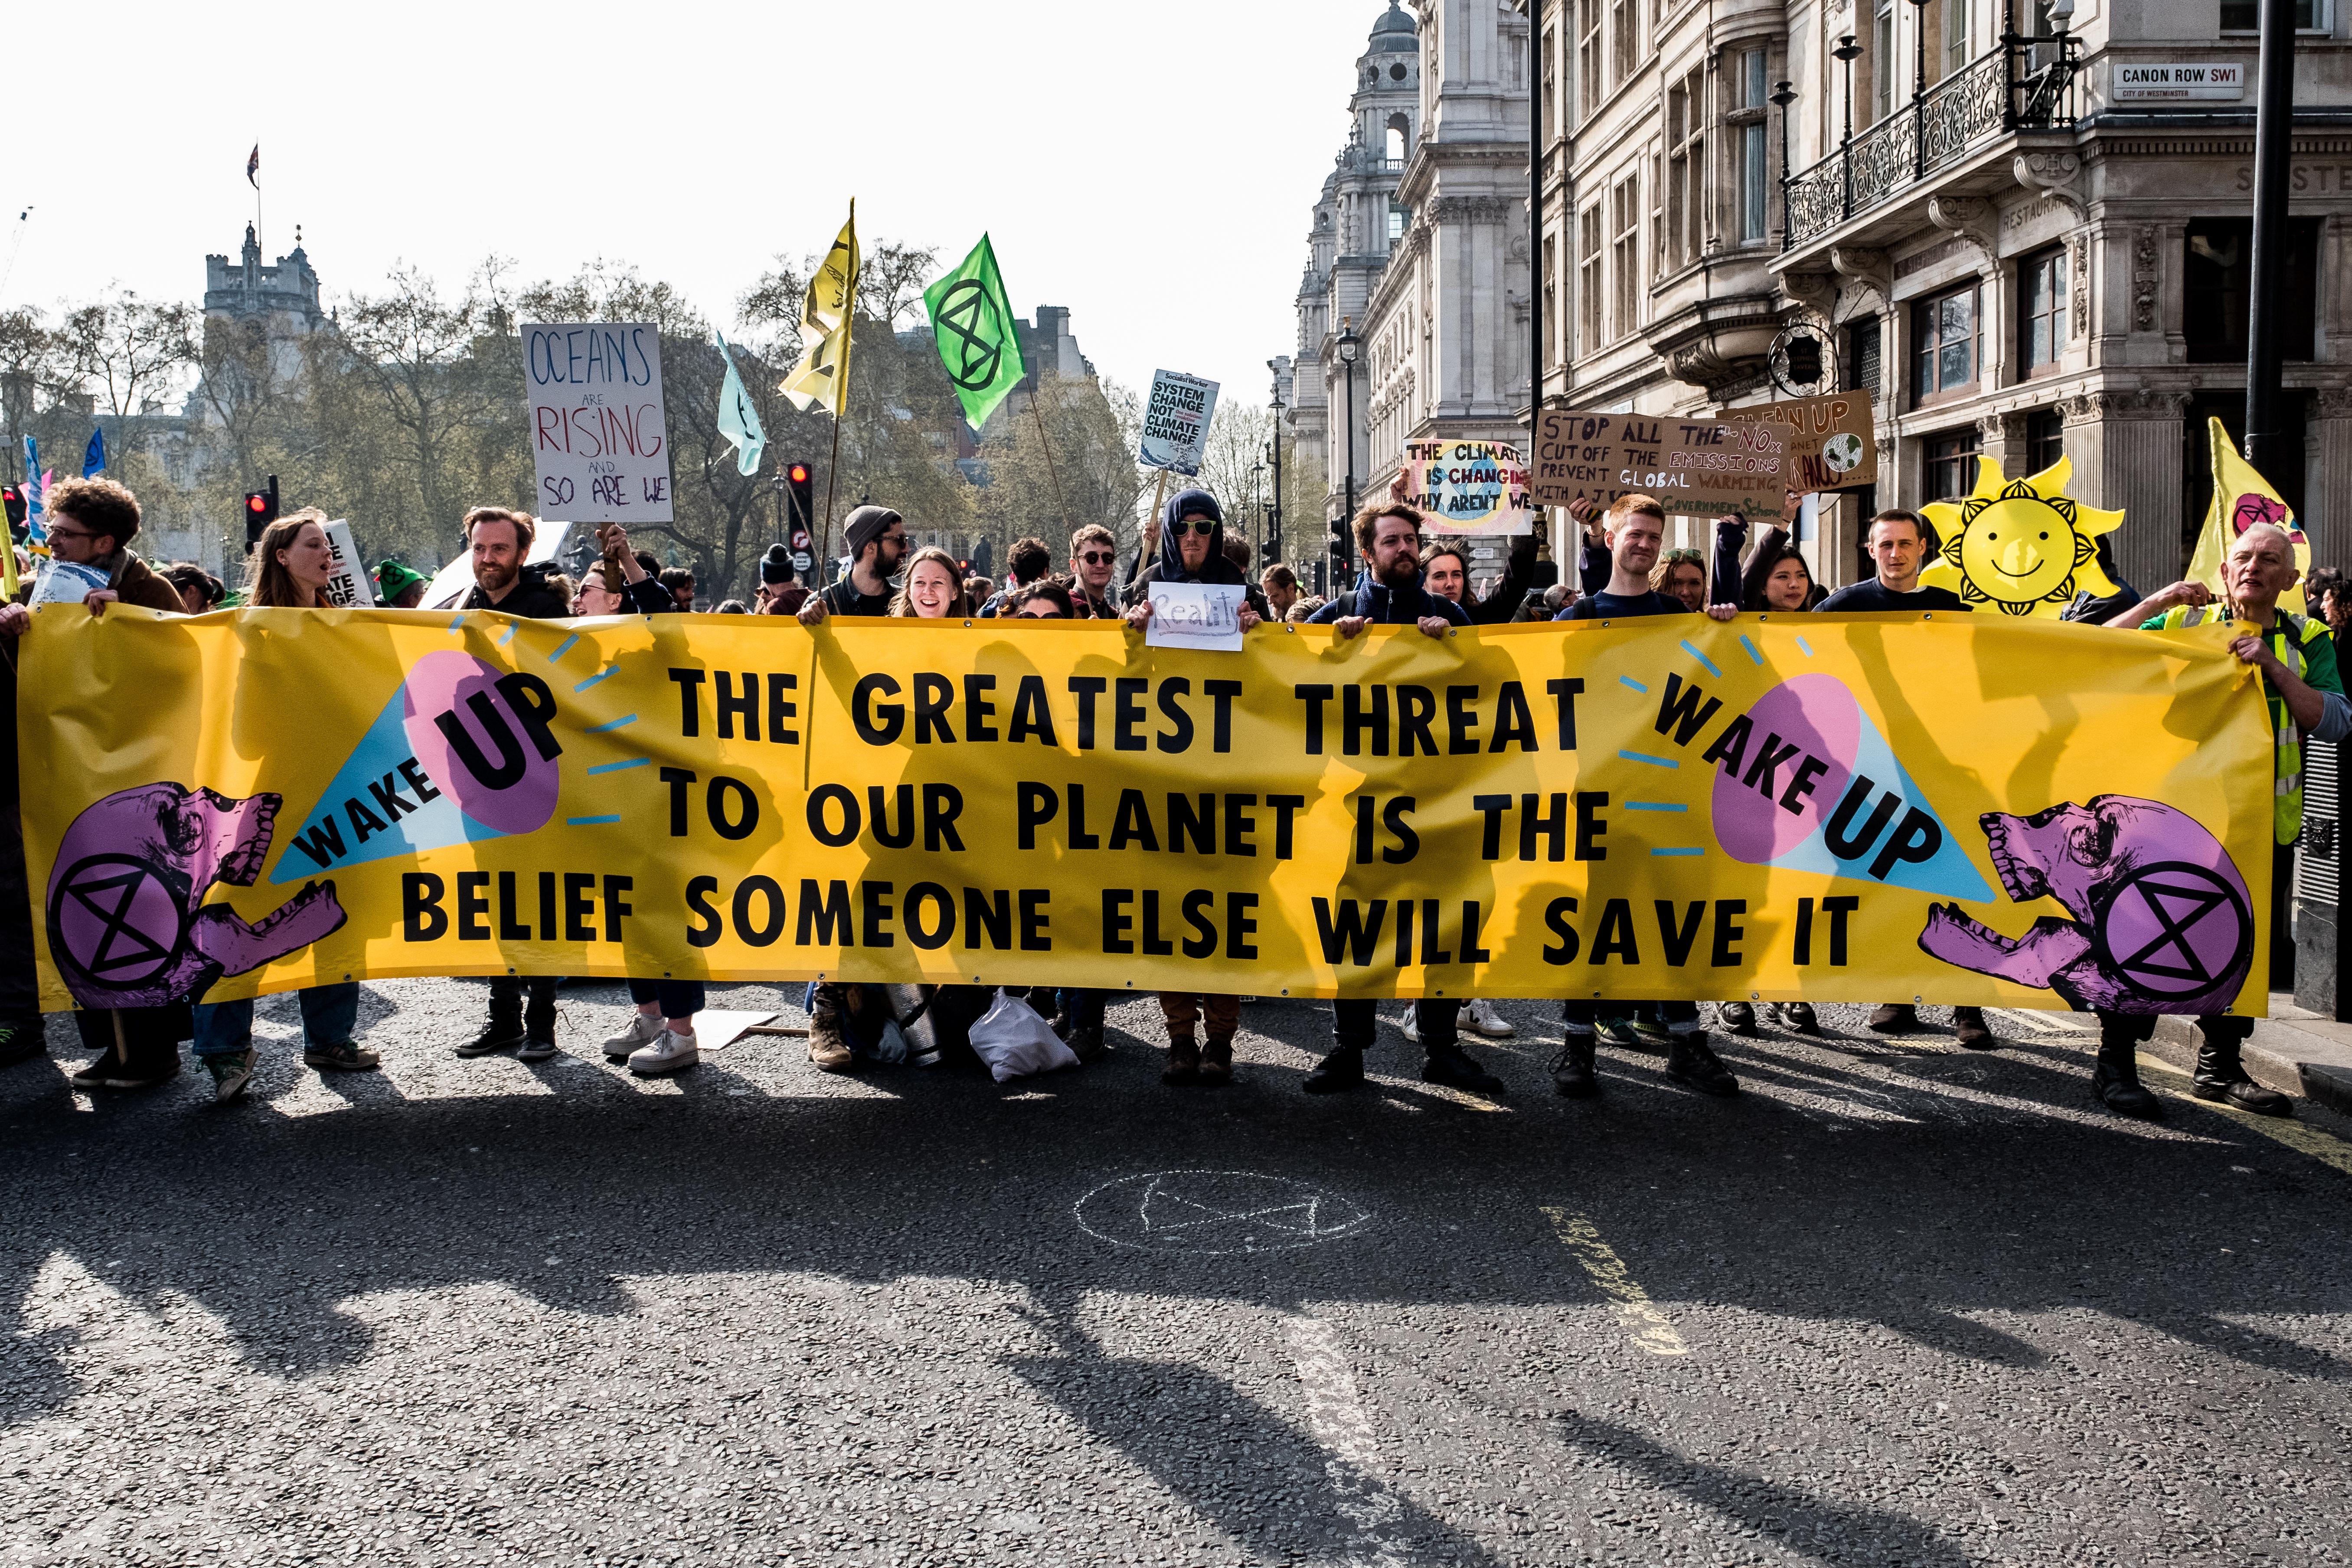 Klímatüntetők foglalták el London utcáit, 113 aktivistát állítottak elő a rendőrök